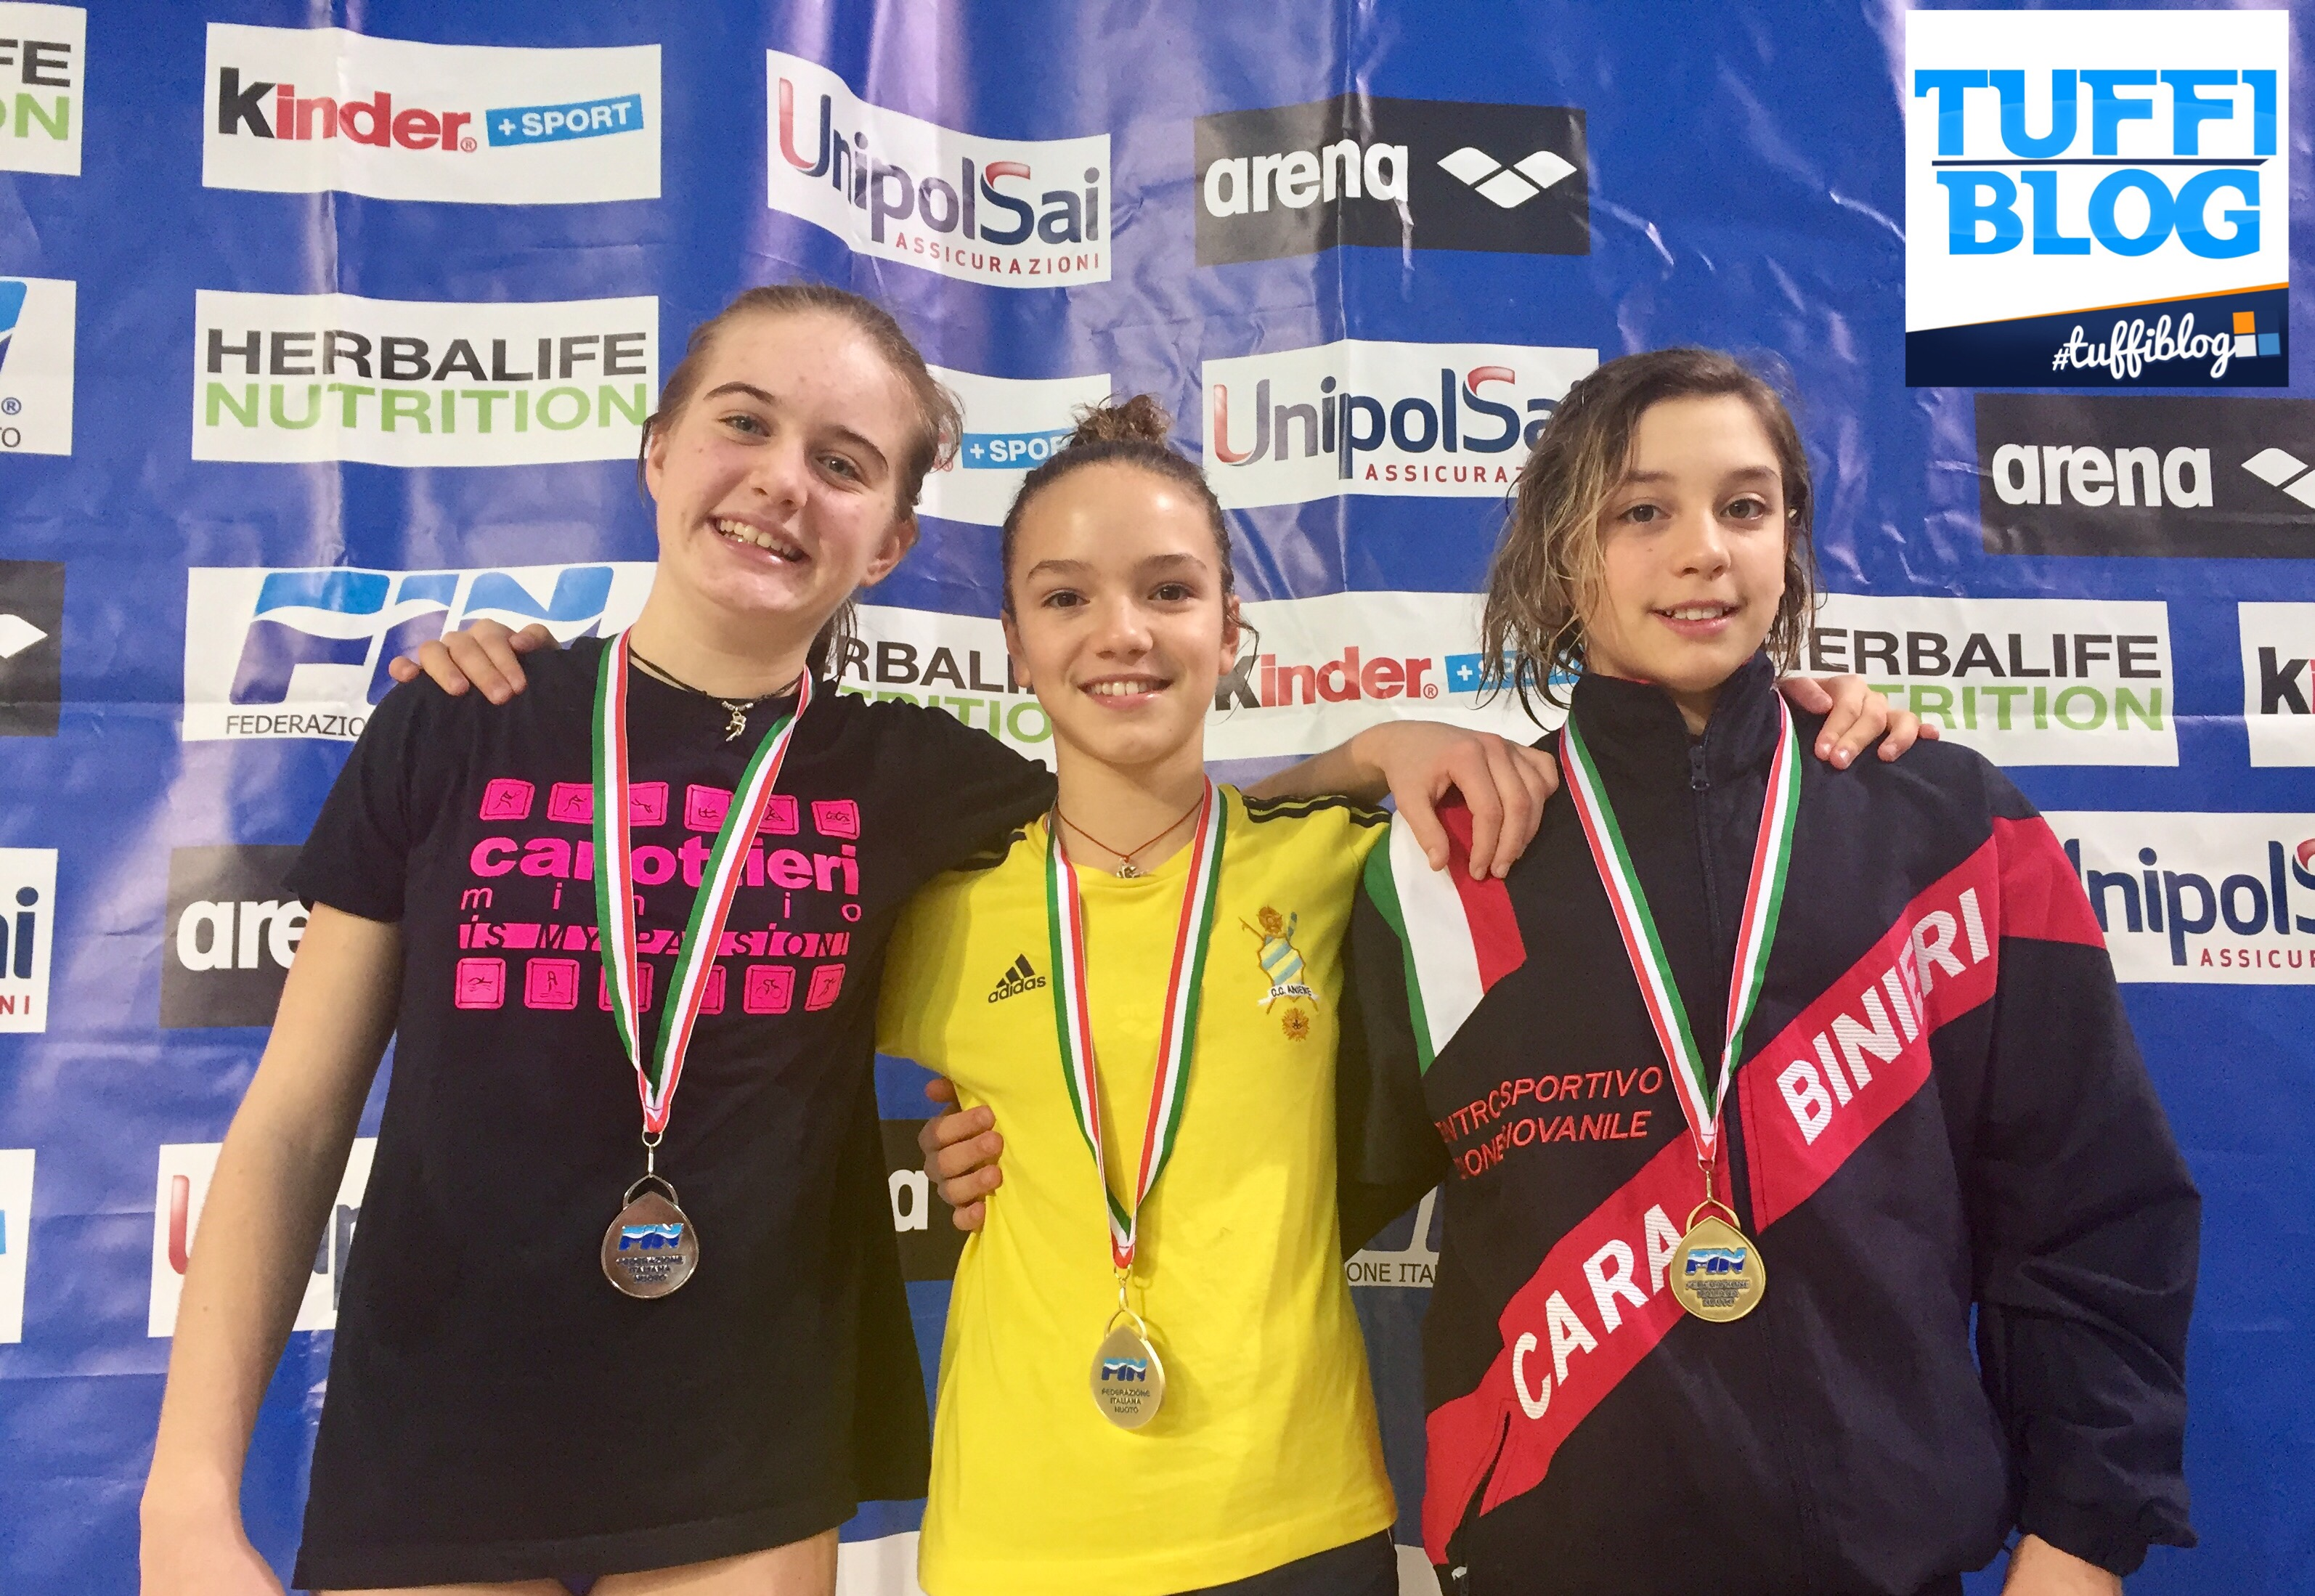 Trofeo Giovanissimi: Trieste - la 2ª giornata di gare.